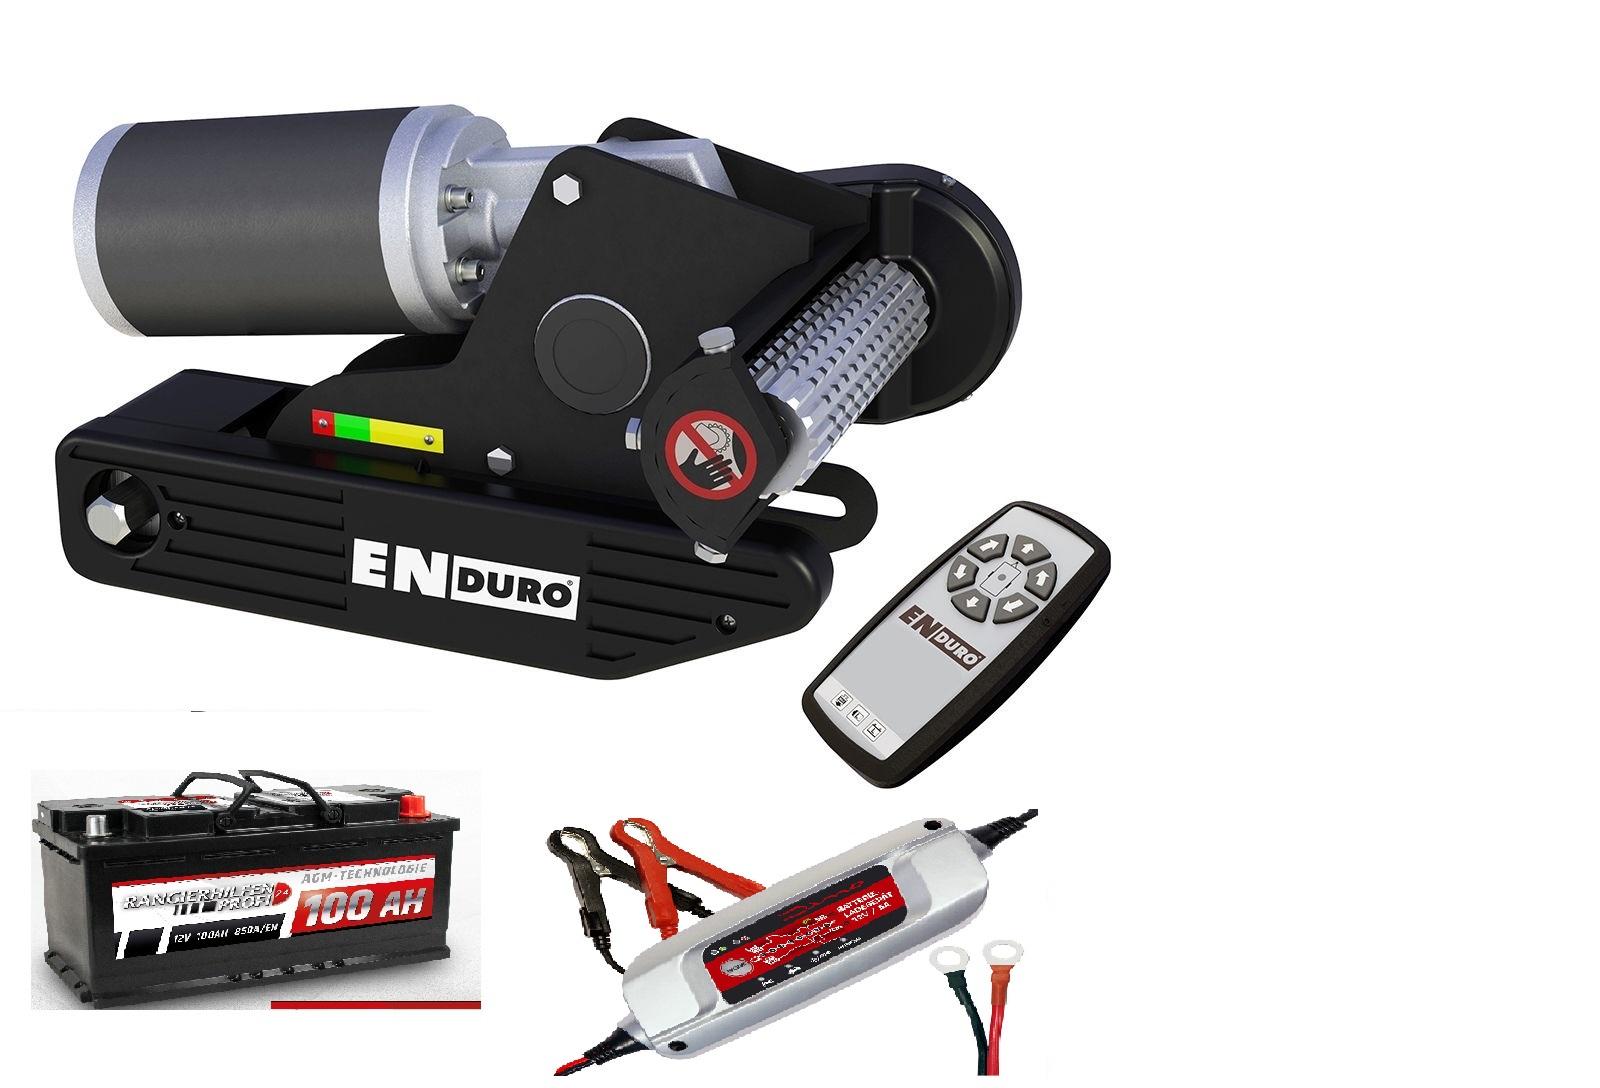 Enduro Em 203 Soft Agm Batterie 12v 100ah Ladegerät Dino